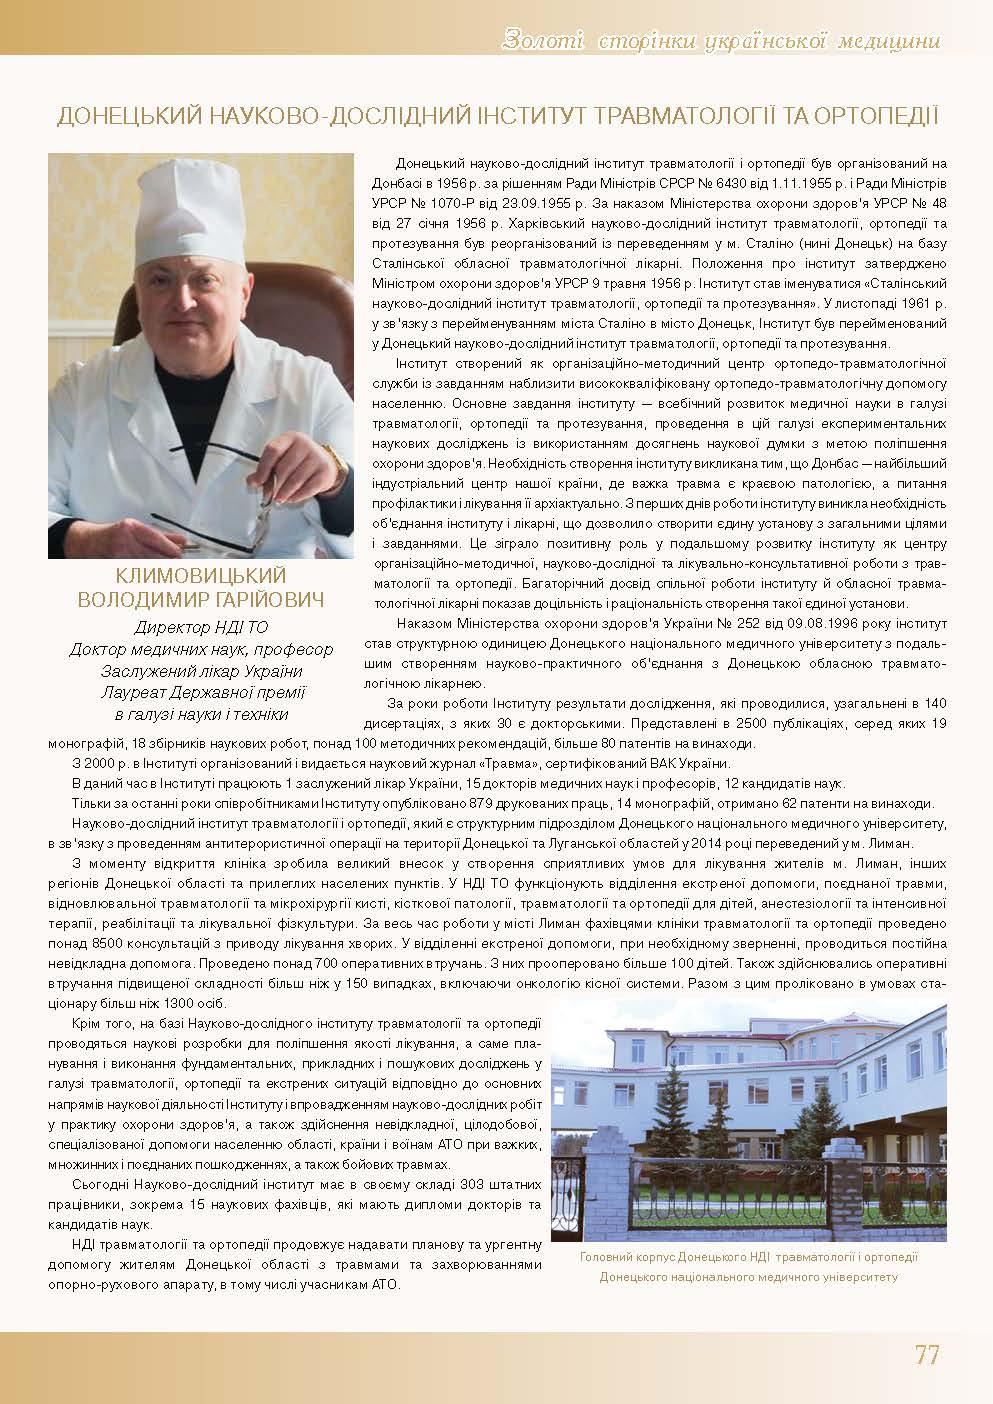 Донецький науково-дослідний інститут травматології та ортопедії